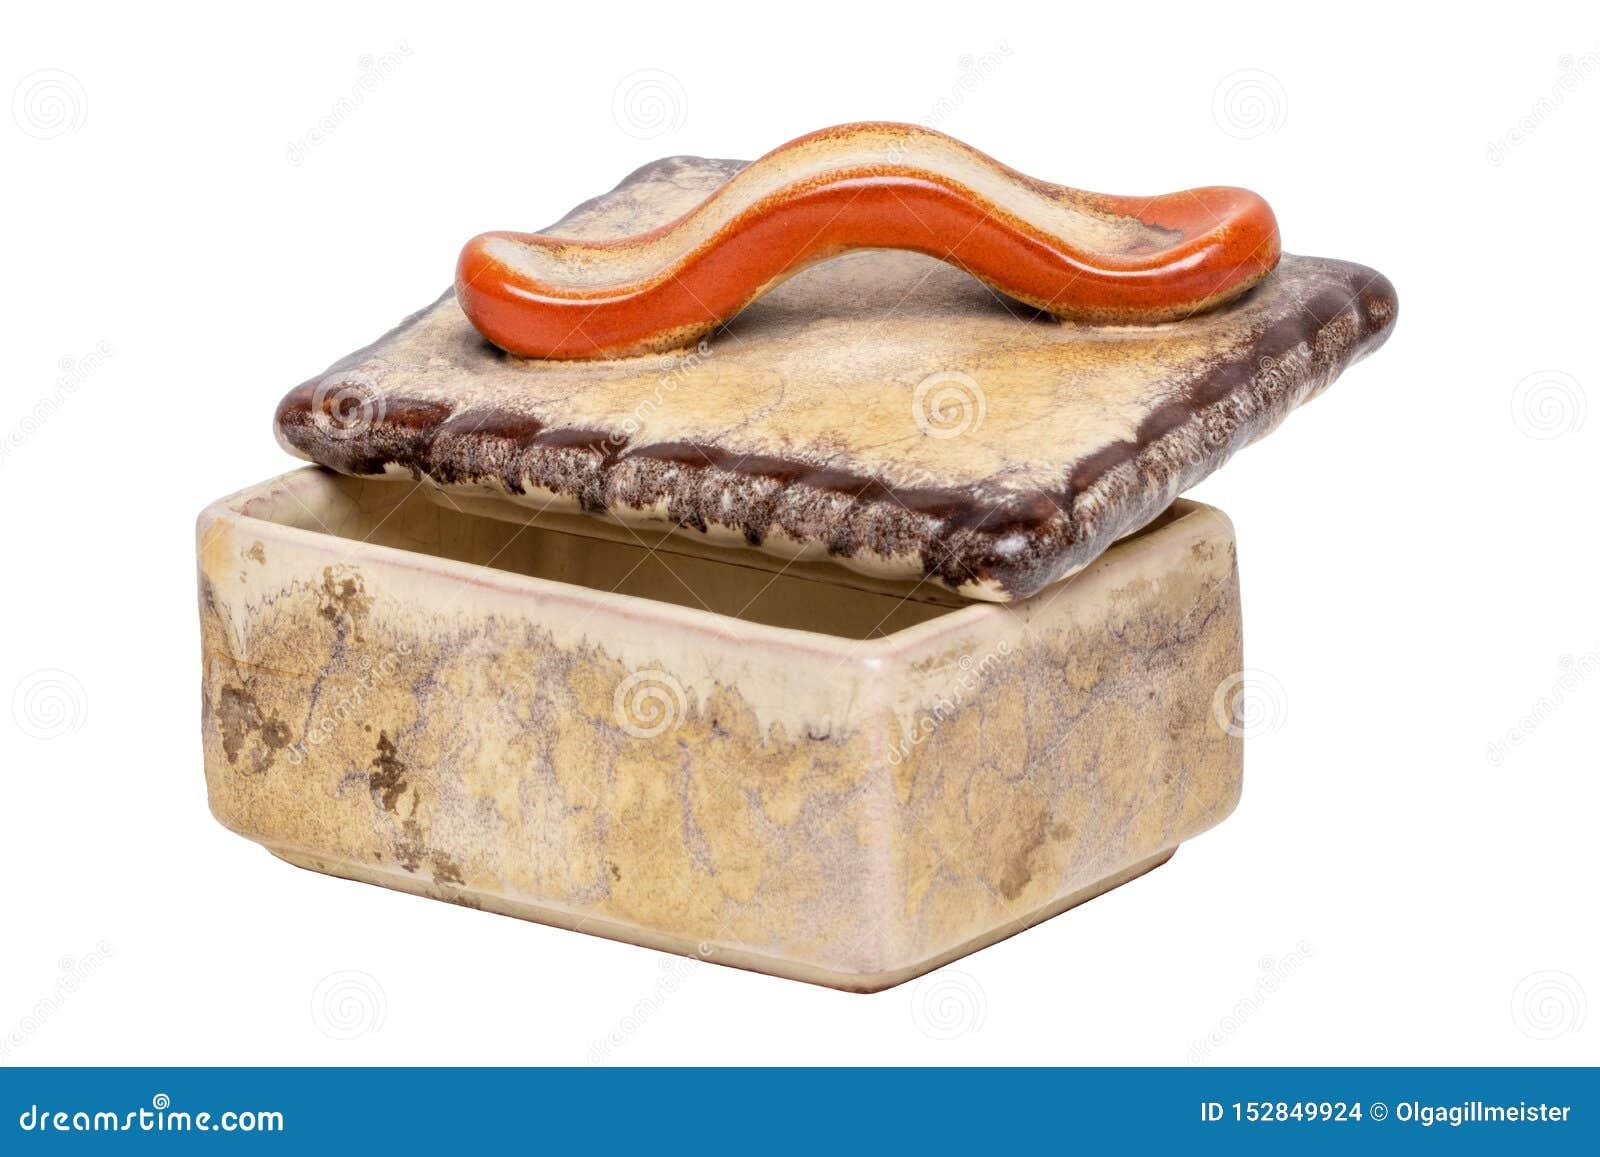 Geïsoleerde sigaretdoos Close-up van antiek bruin sigaretgeval met een rood die handvat van ceramisch wordt gemaakt geïsoleerd op